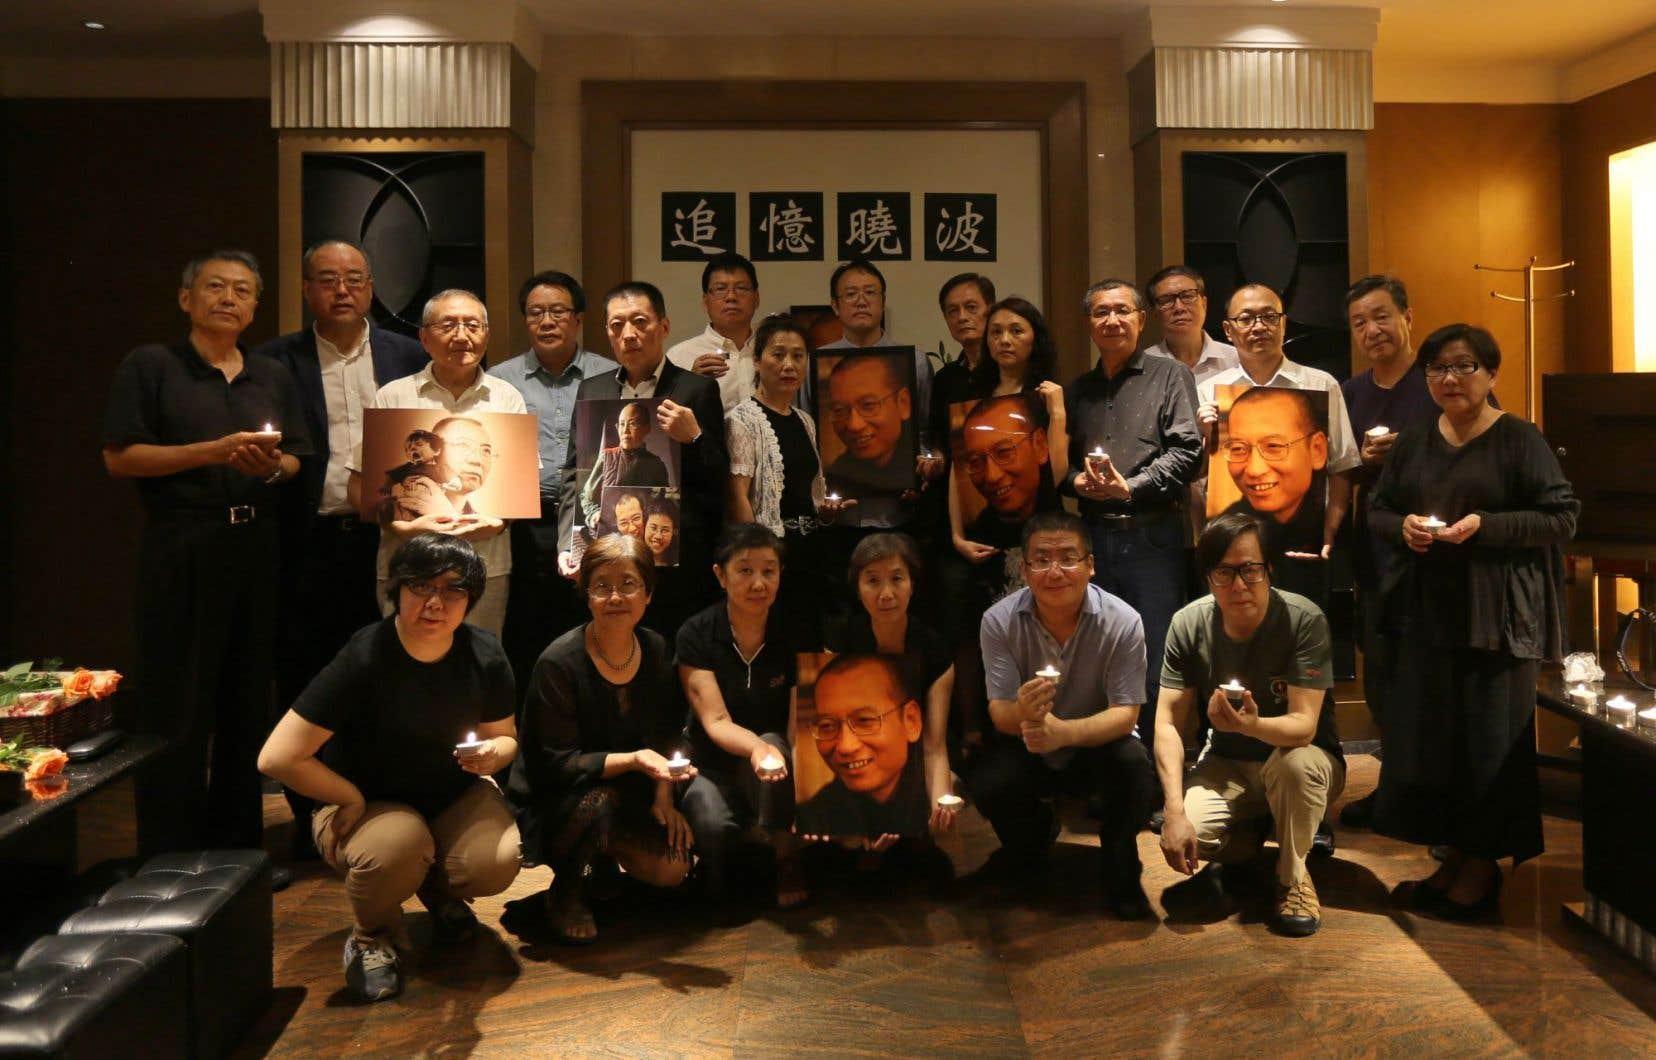 Des photos adressées à l'AFP montrent les amis du prix Nobel, emprisonné de 2008 jusqu'à sa mort, s'incliner face à une photo de Liu Xiaobo entourée de fleurs.<br />